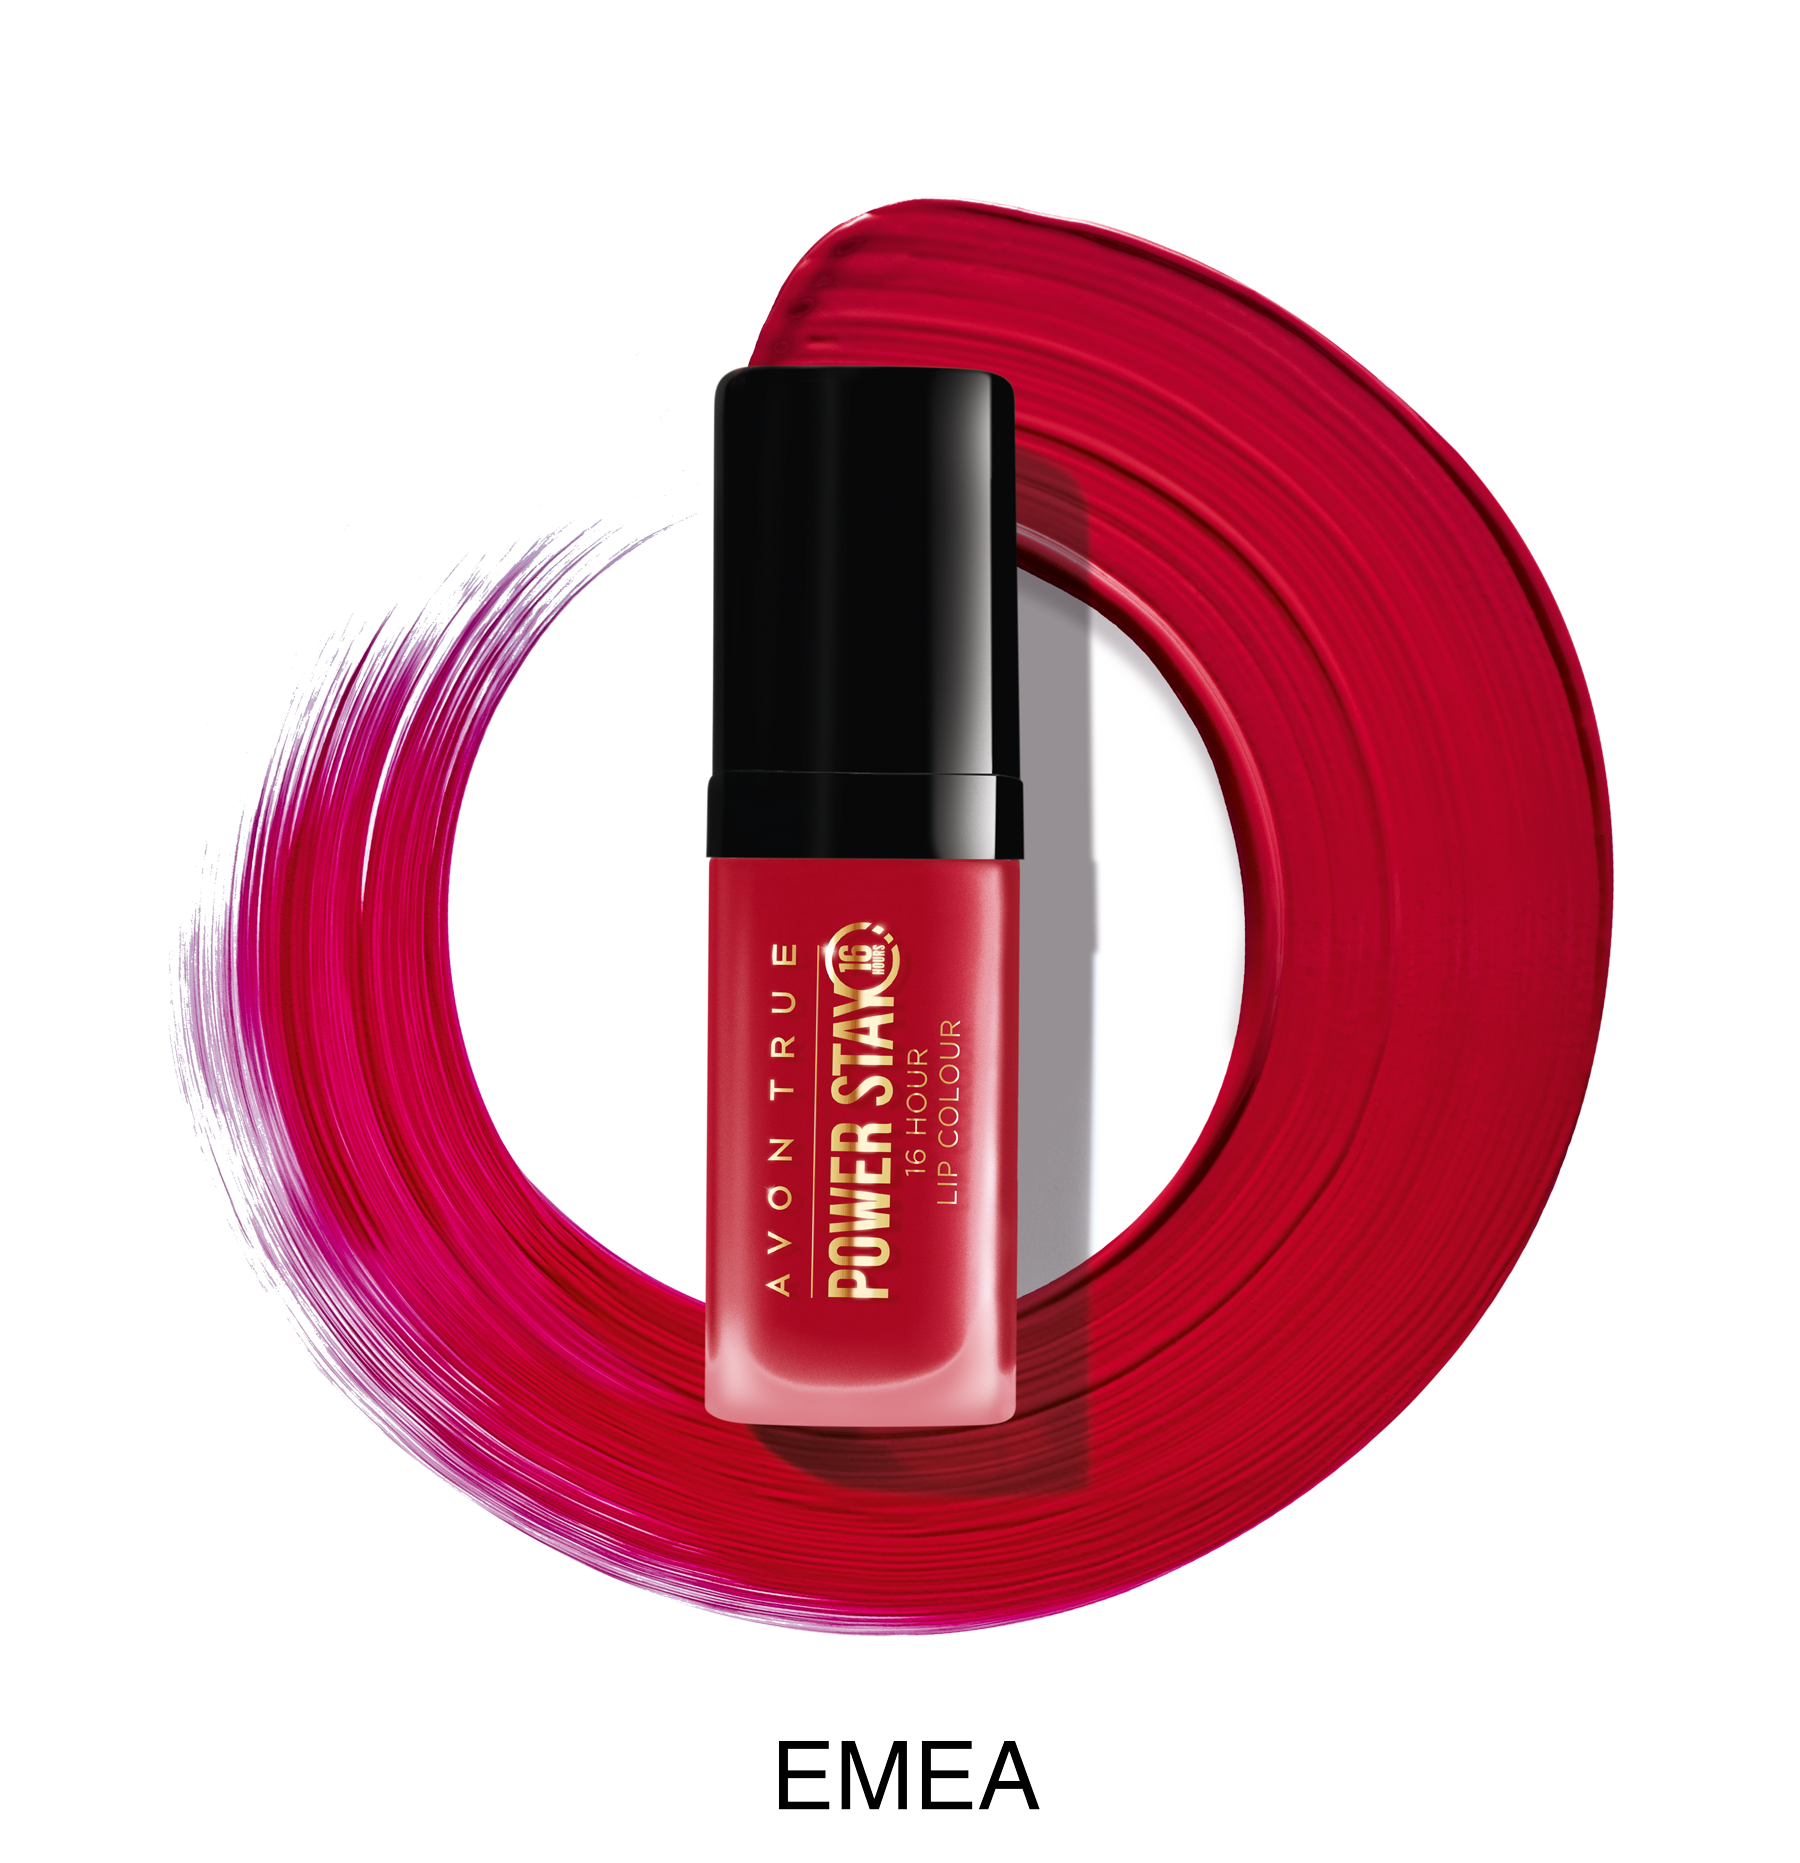 Power Stay ruž za usne nijansa Resilient Red 599 din 1 Makeup kolekcija otporna na sve – od svitanja do sumraka